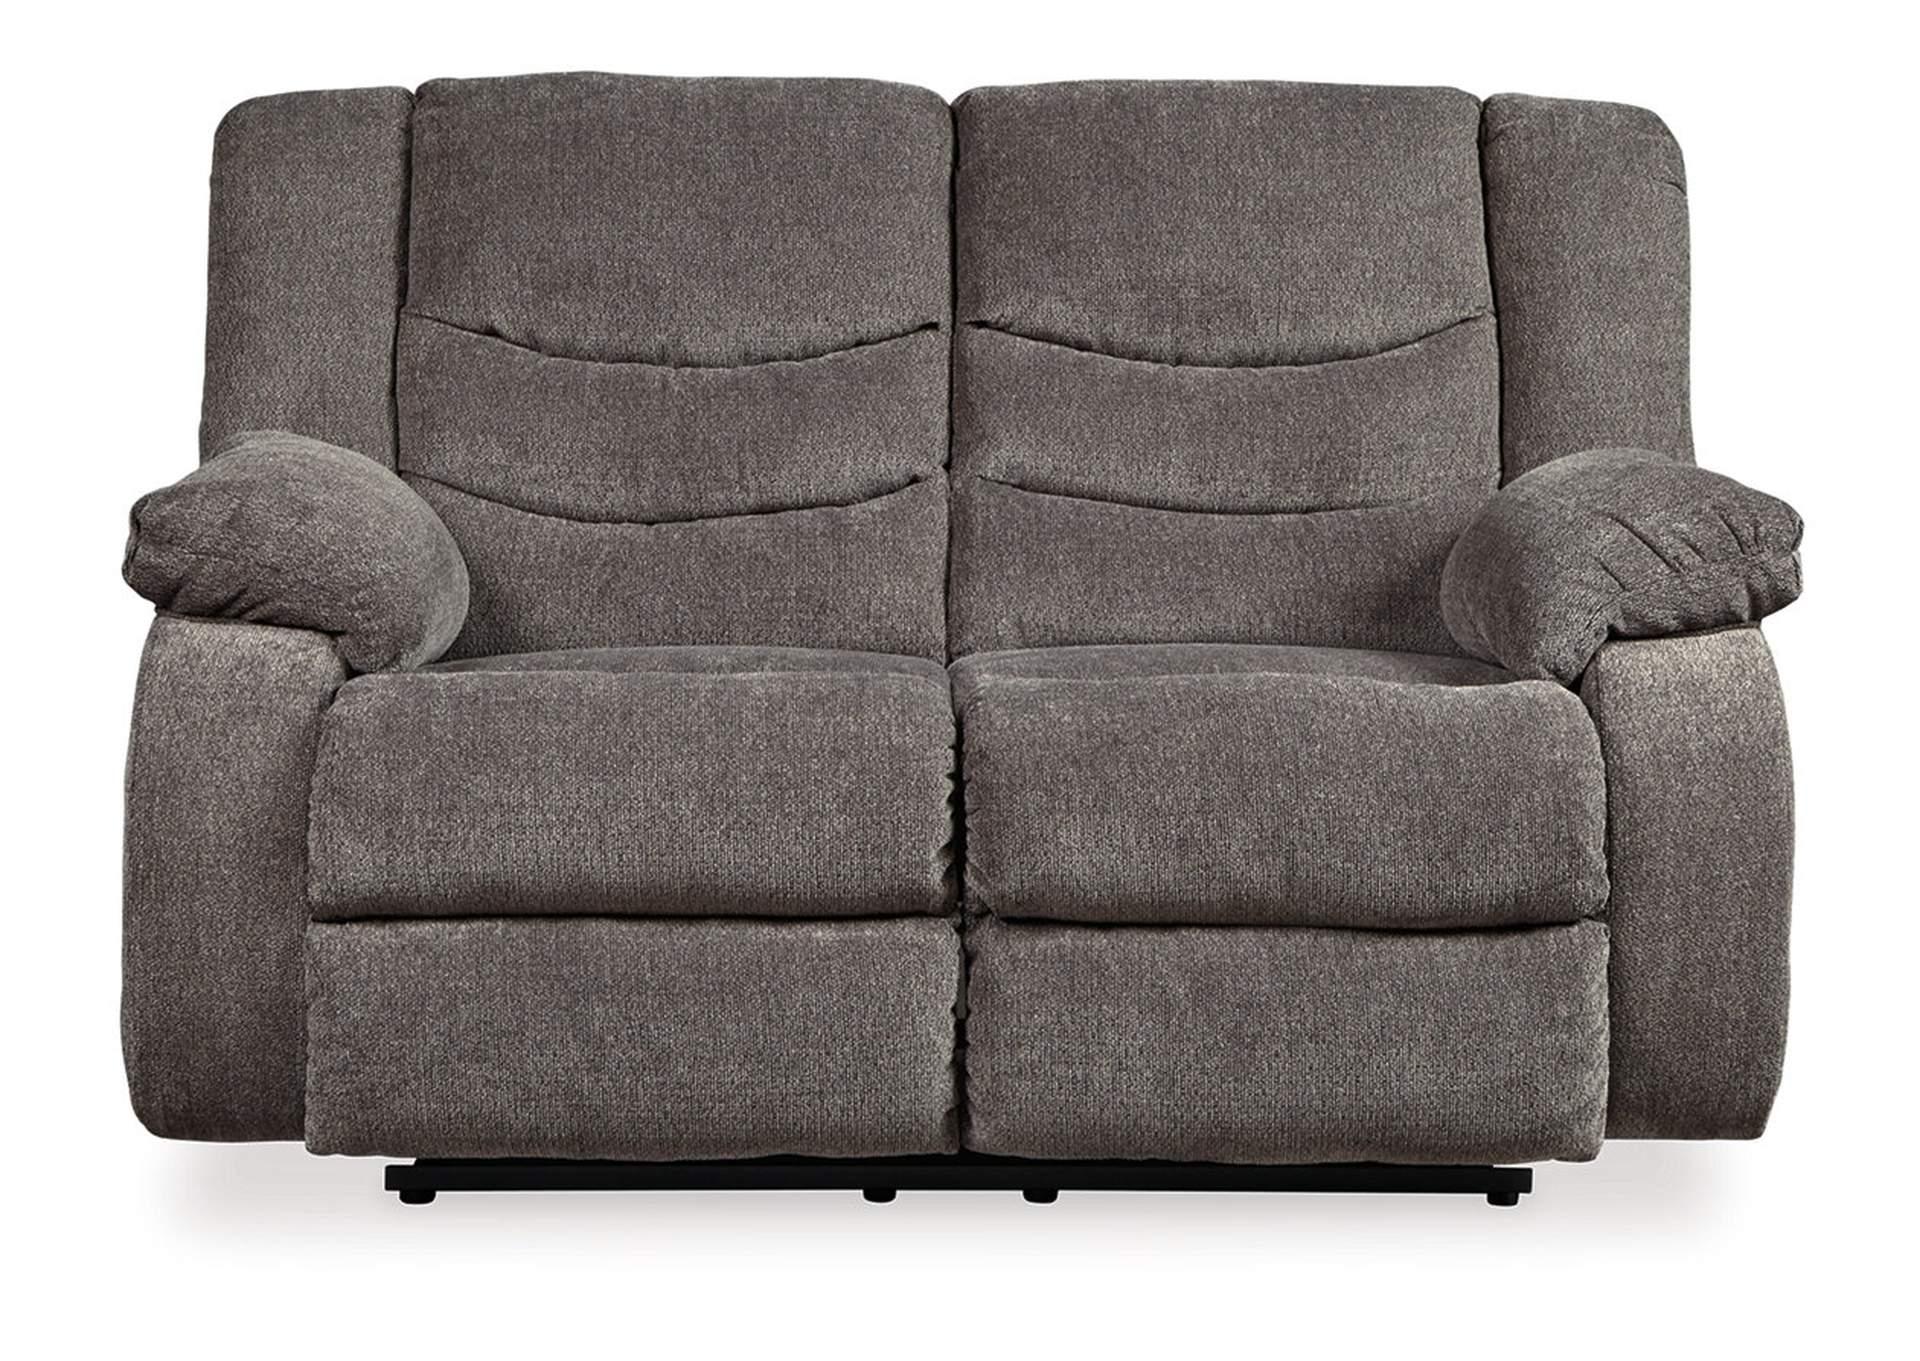 Kemper Furniture Tulen Gray Reclining Loveseat